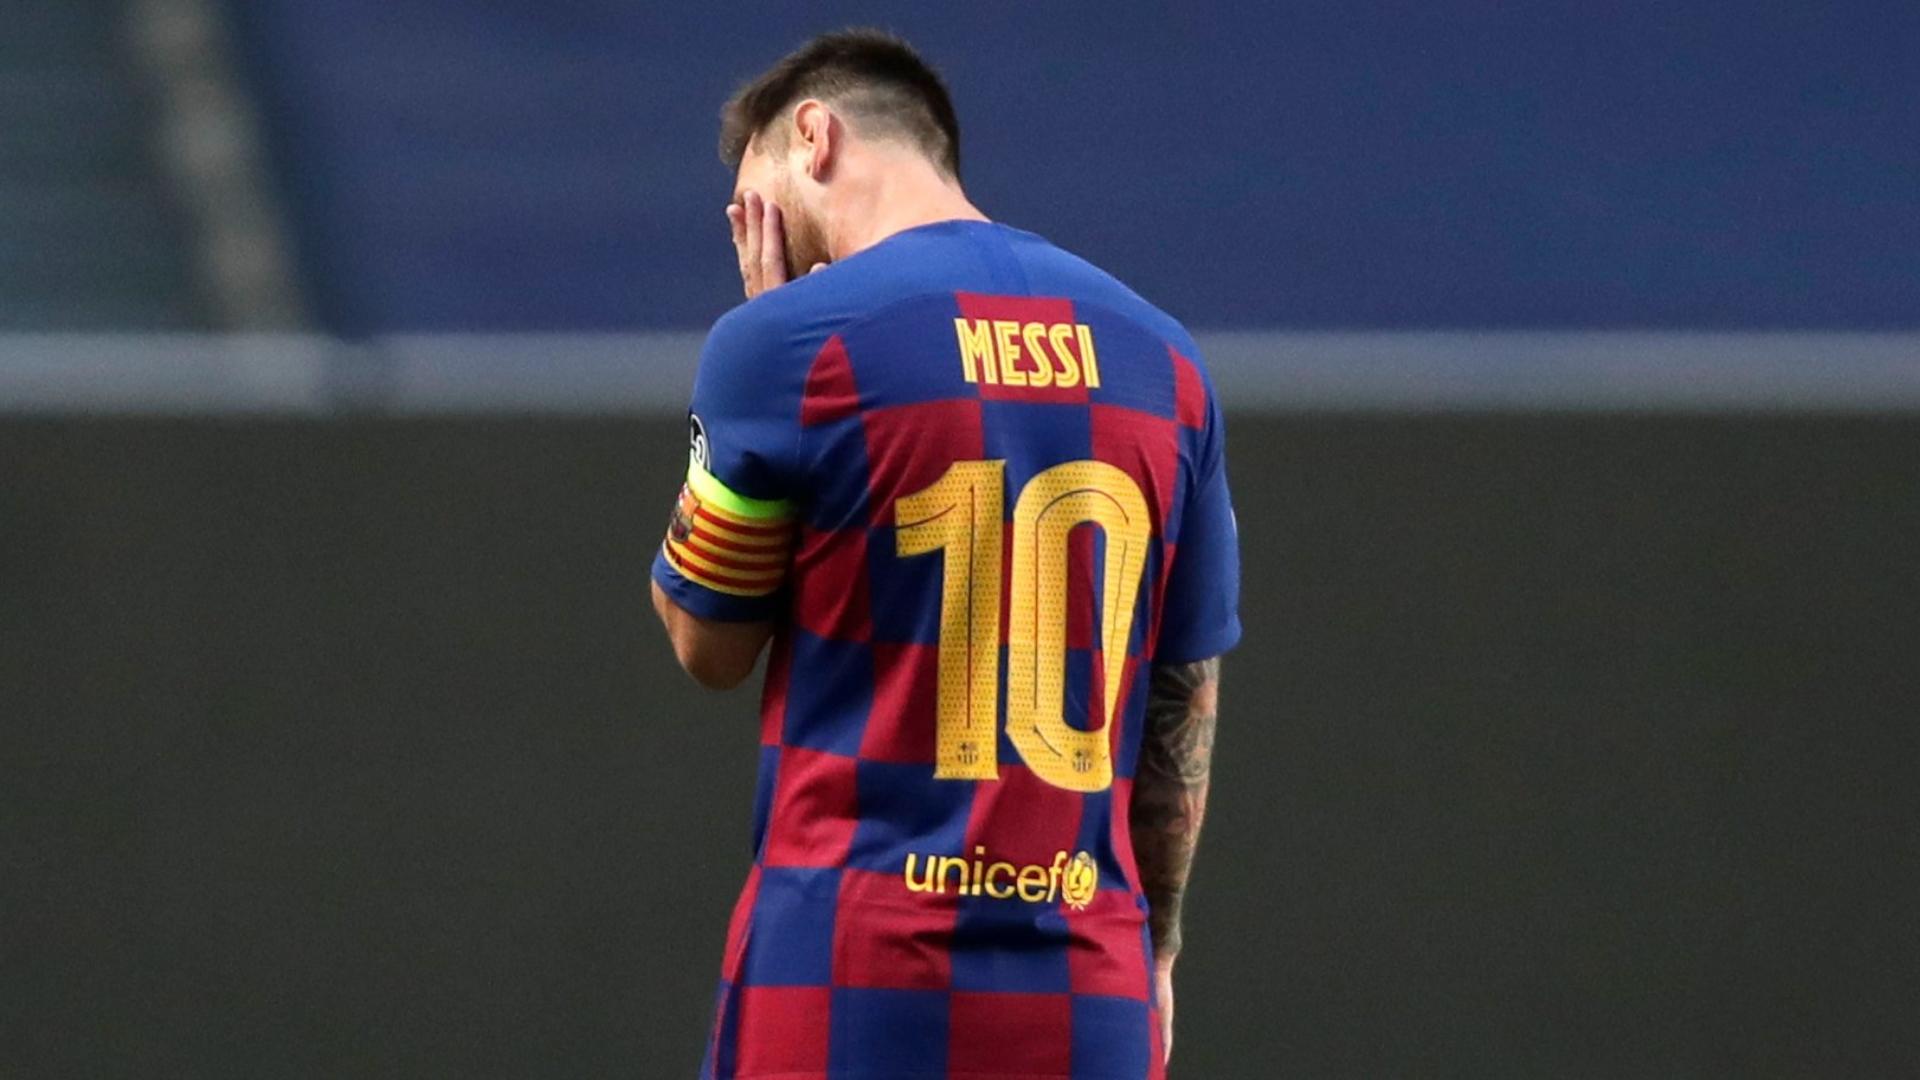 Messi x Barcelona: dúvidas de contrato, detalhes, cenários e tudo sobre a crise | Goal.com